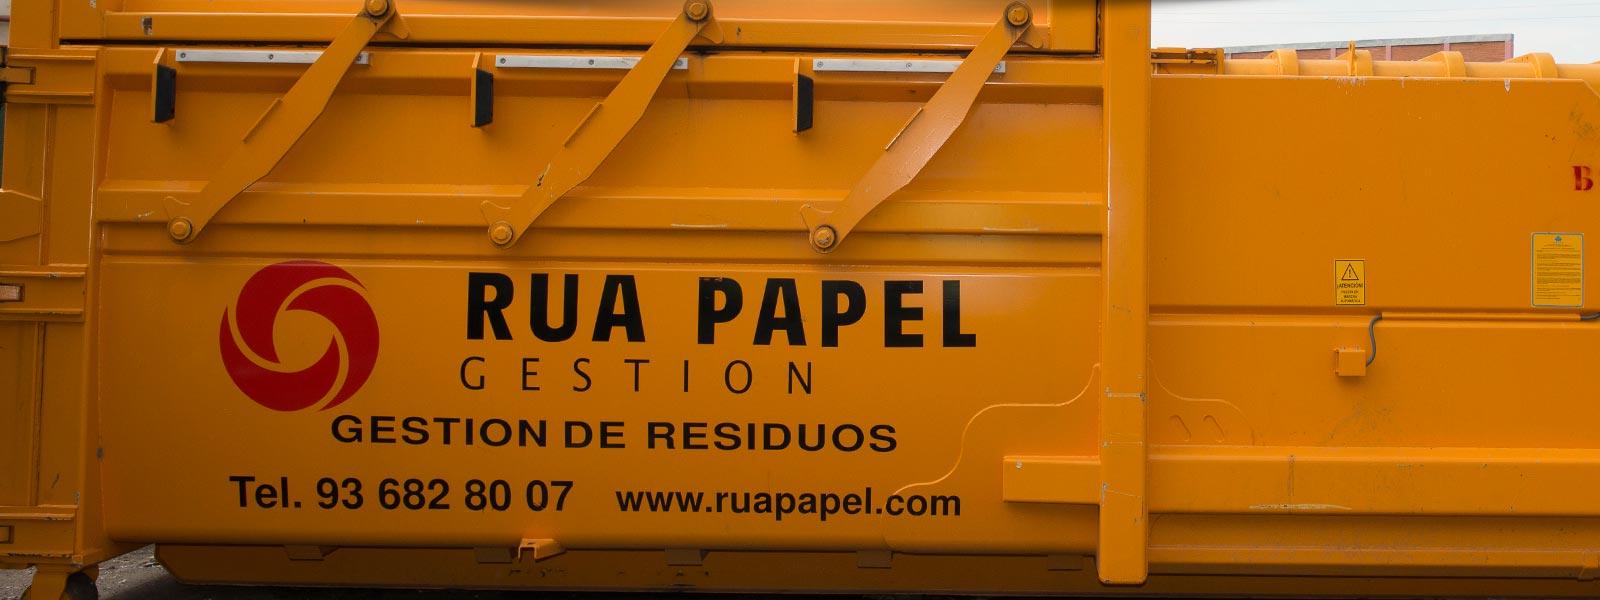 rua papel nosotros contenedor corporativo slide 2